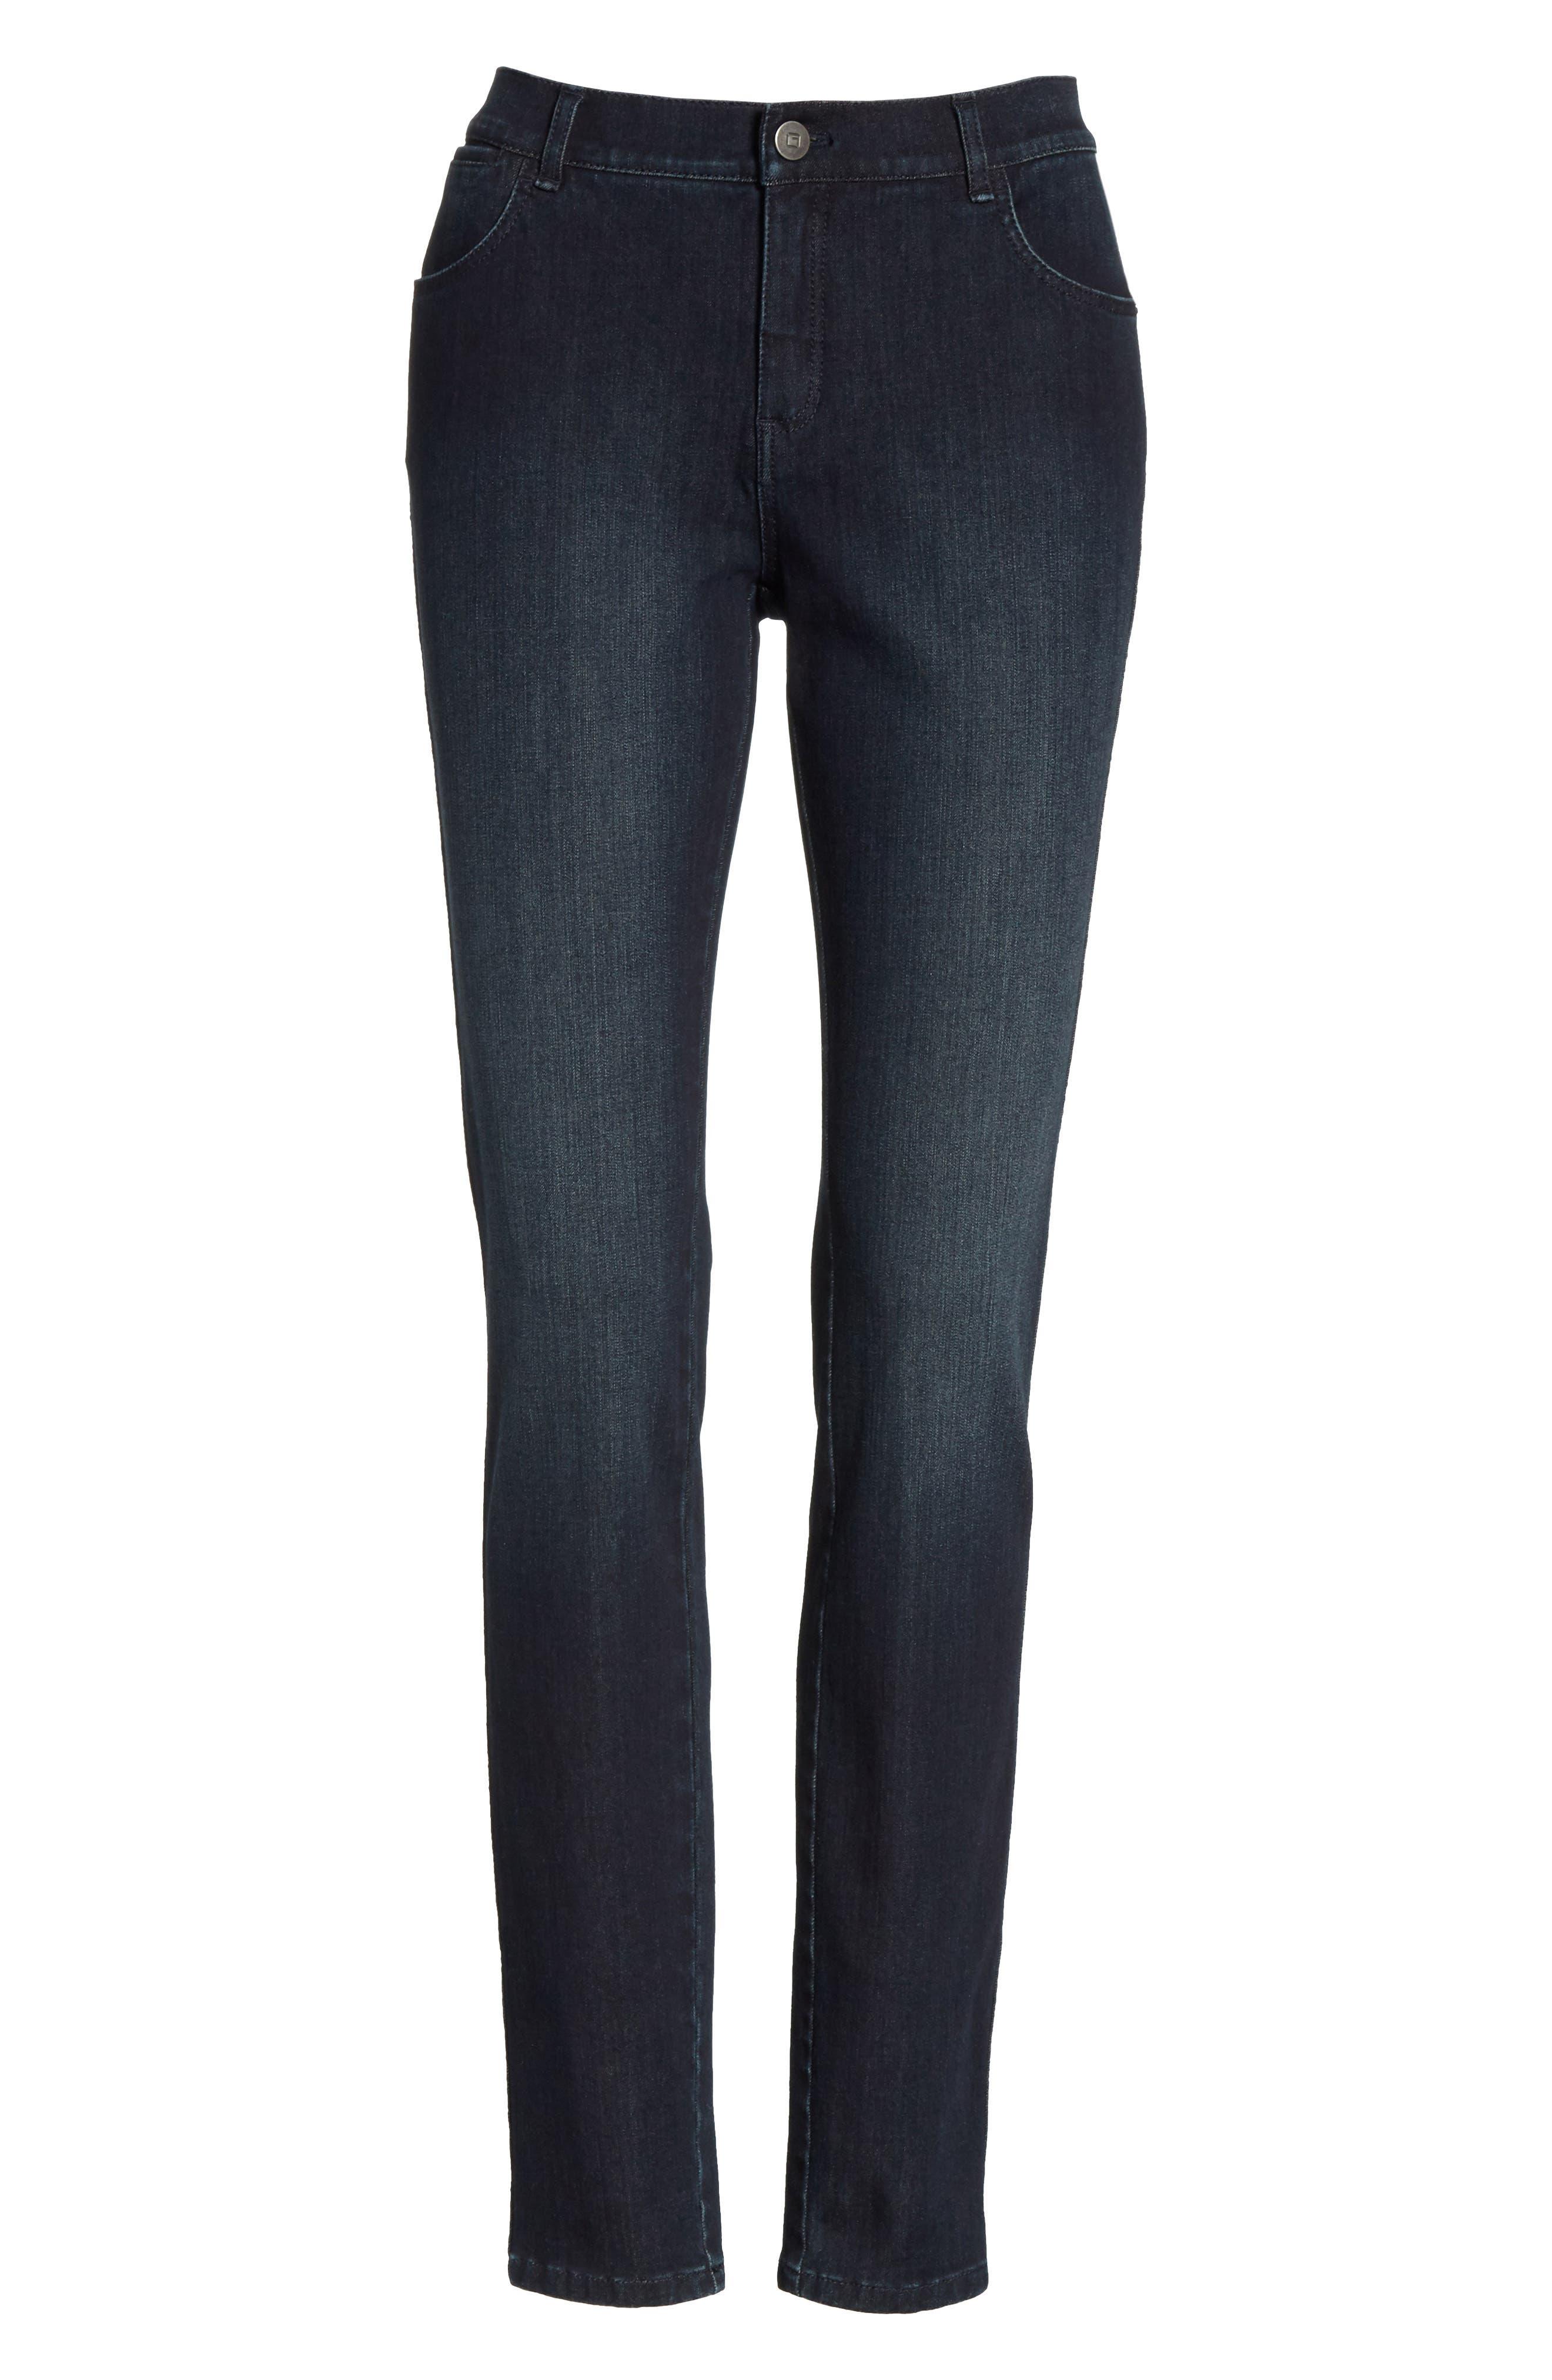 Mercer Skinny Jeans,                             Alternate thumbnail 6, color,                             INDIGO